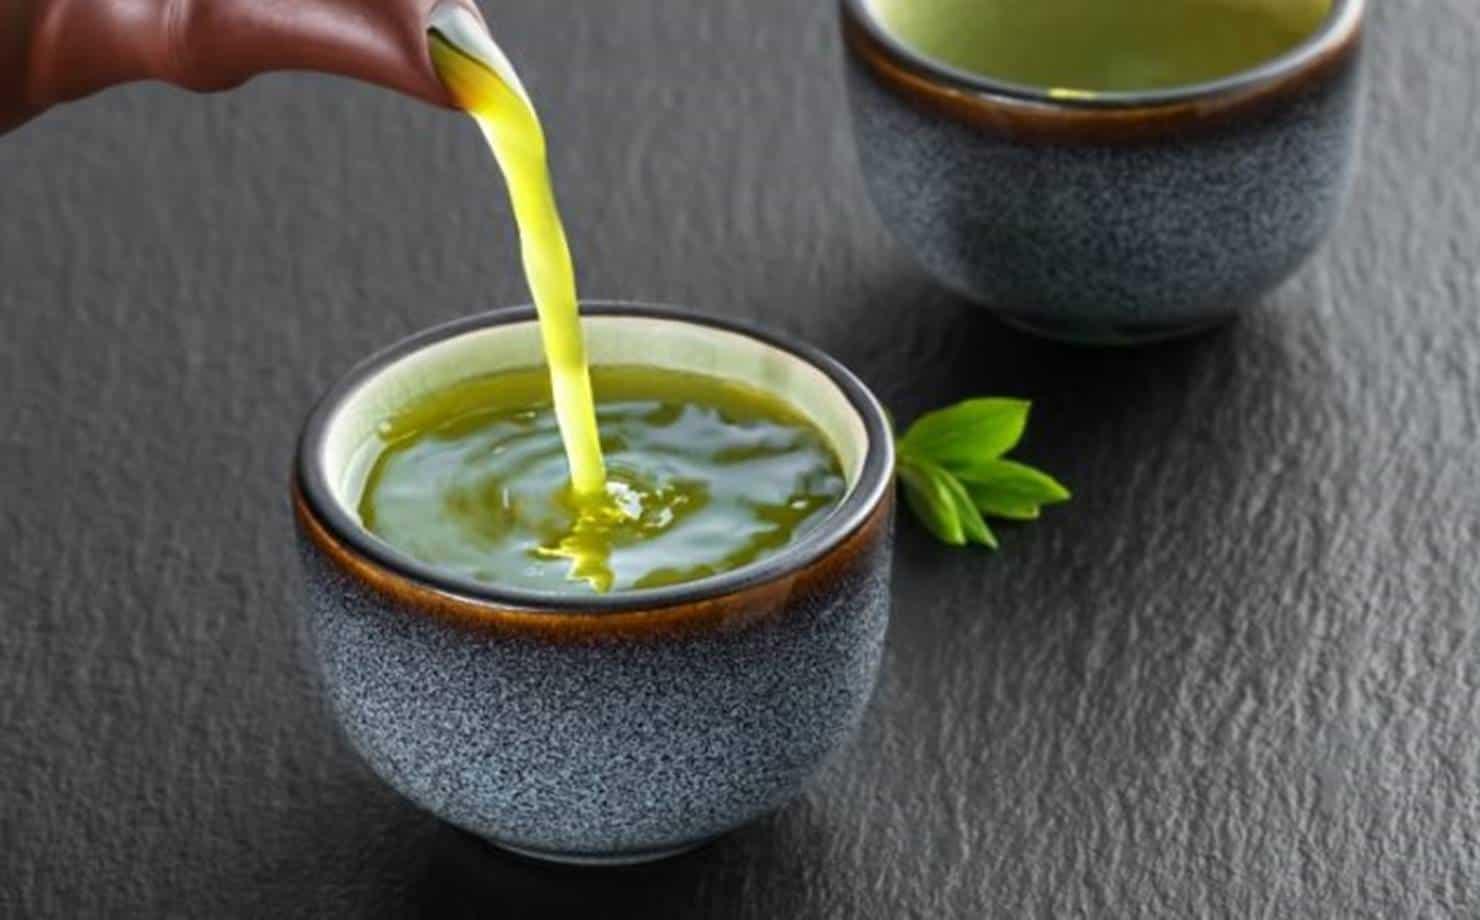 Chá de Alface na Xícara